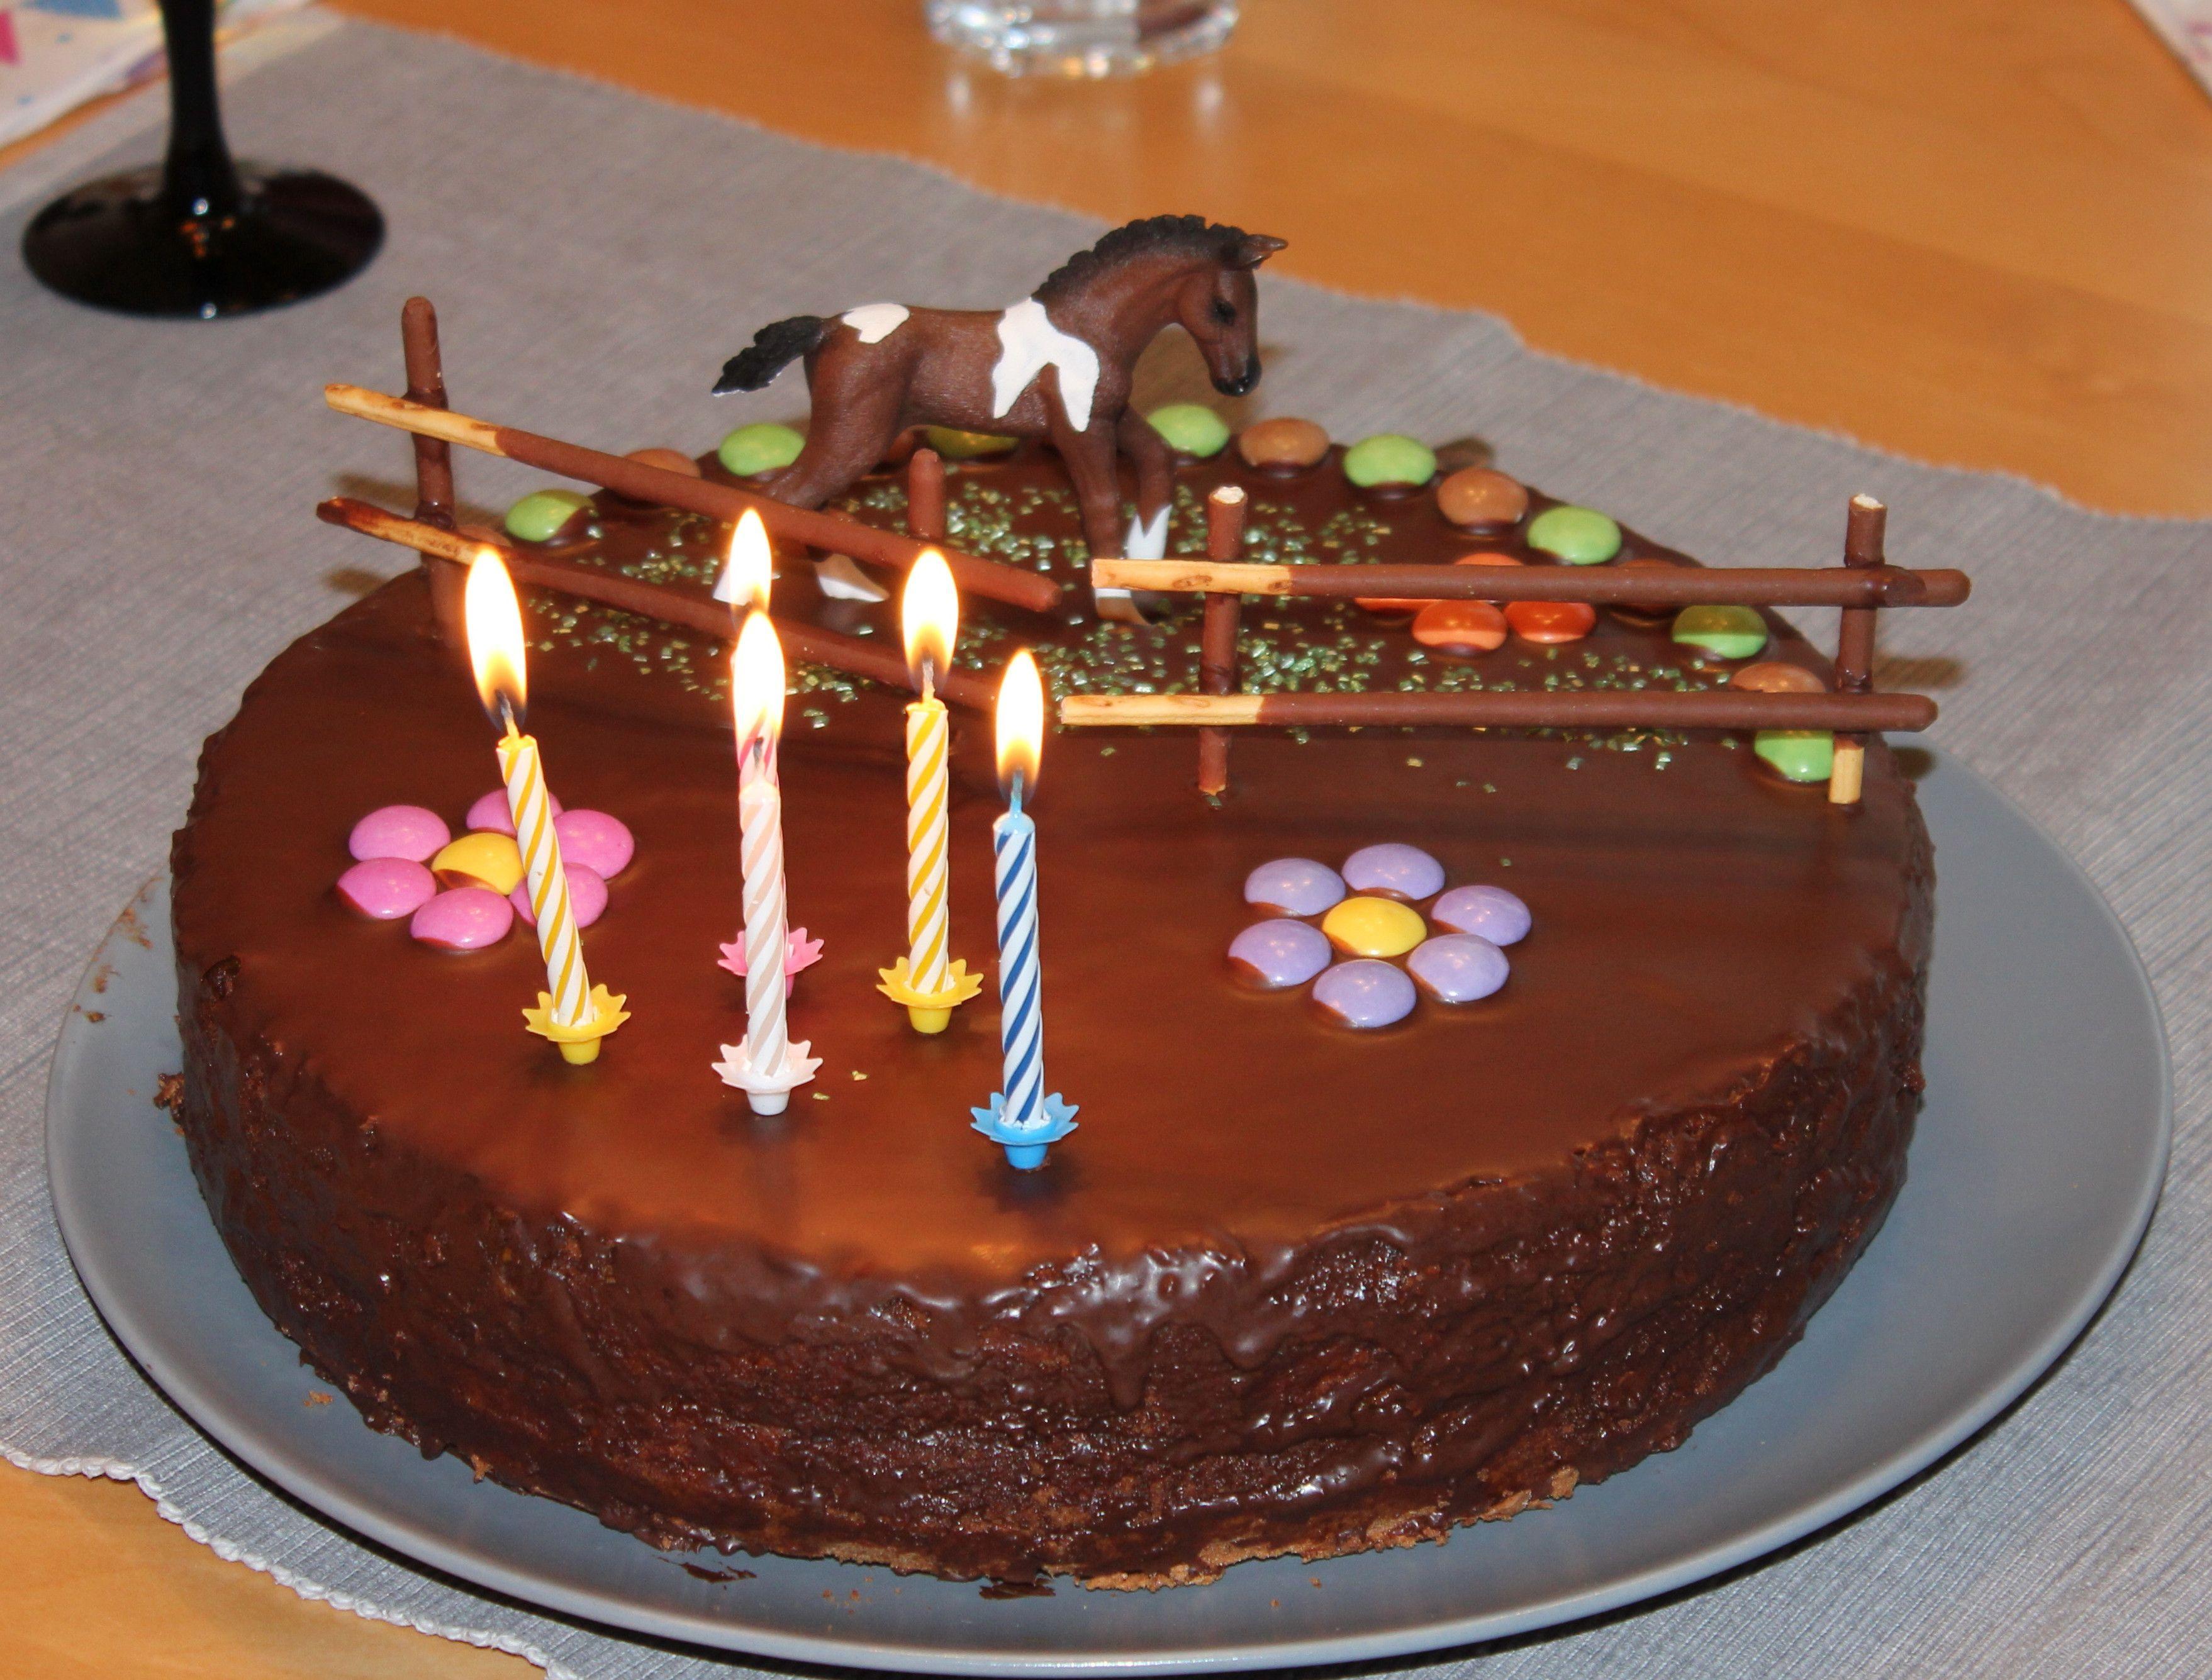 Gâteau sacher comme paddock (www.chefkoch.de / ...) - Sarah&RecettesDeGâteaux